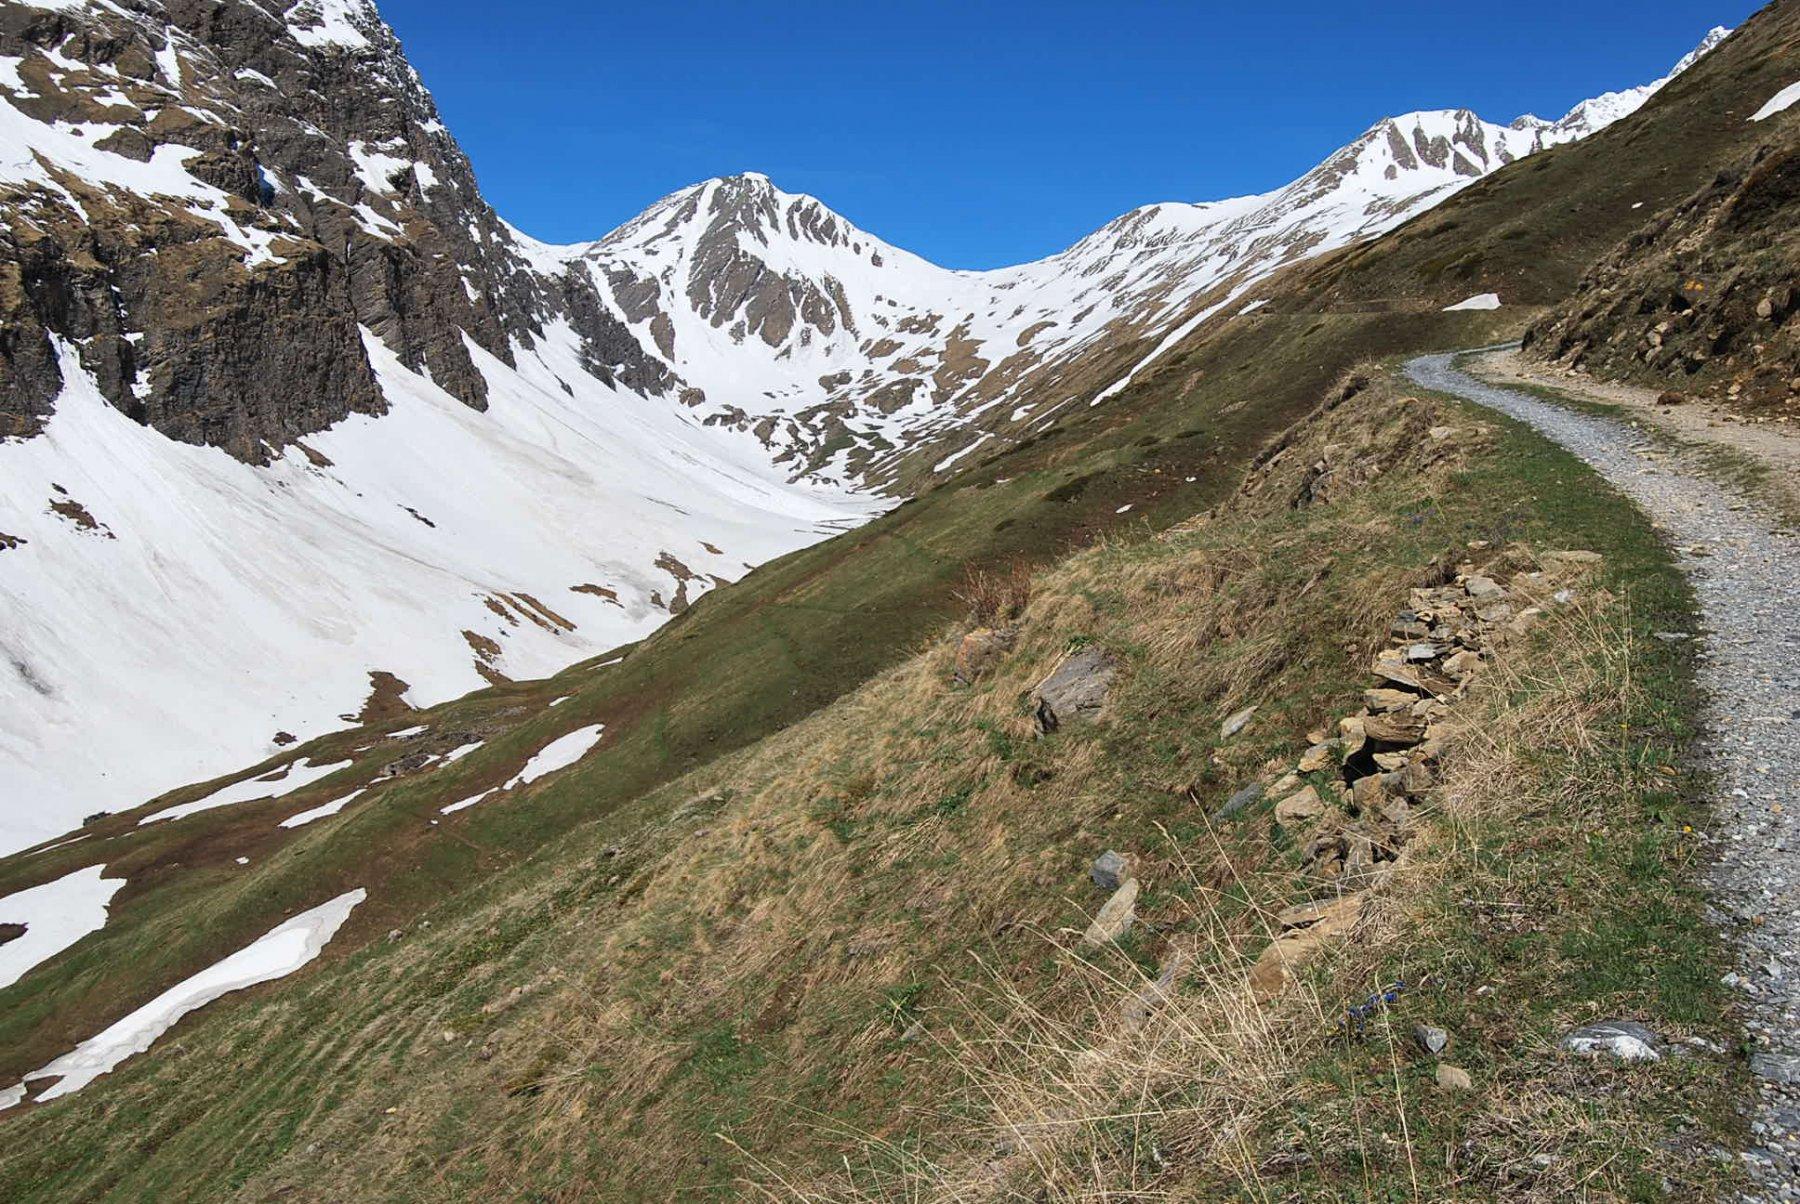 Il colle di Chavannes visto dai pressi degli alpeggi di Berrio Blanc desot: la traccia della strada è sempre evidente